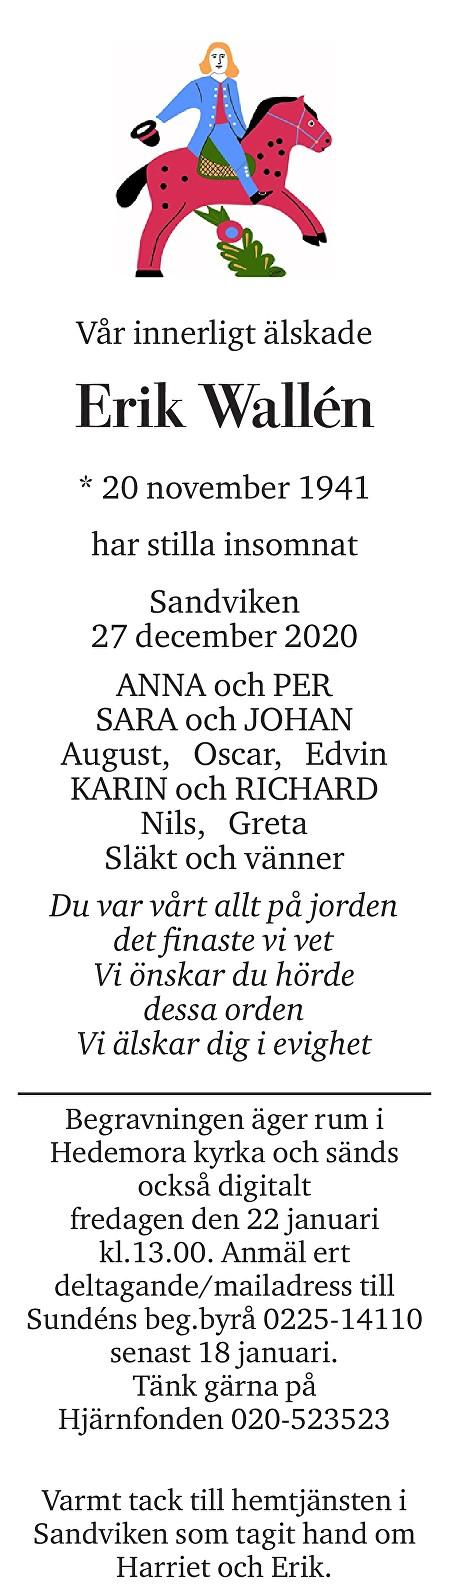 Erik Wallén Death notice